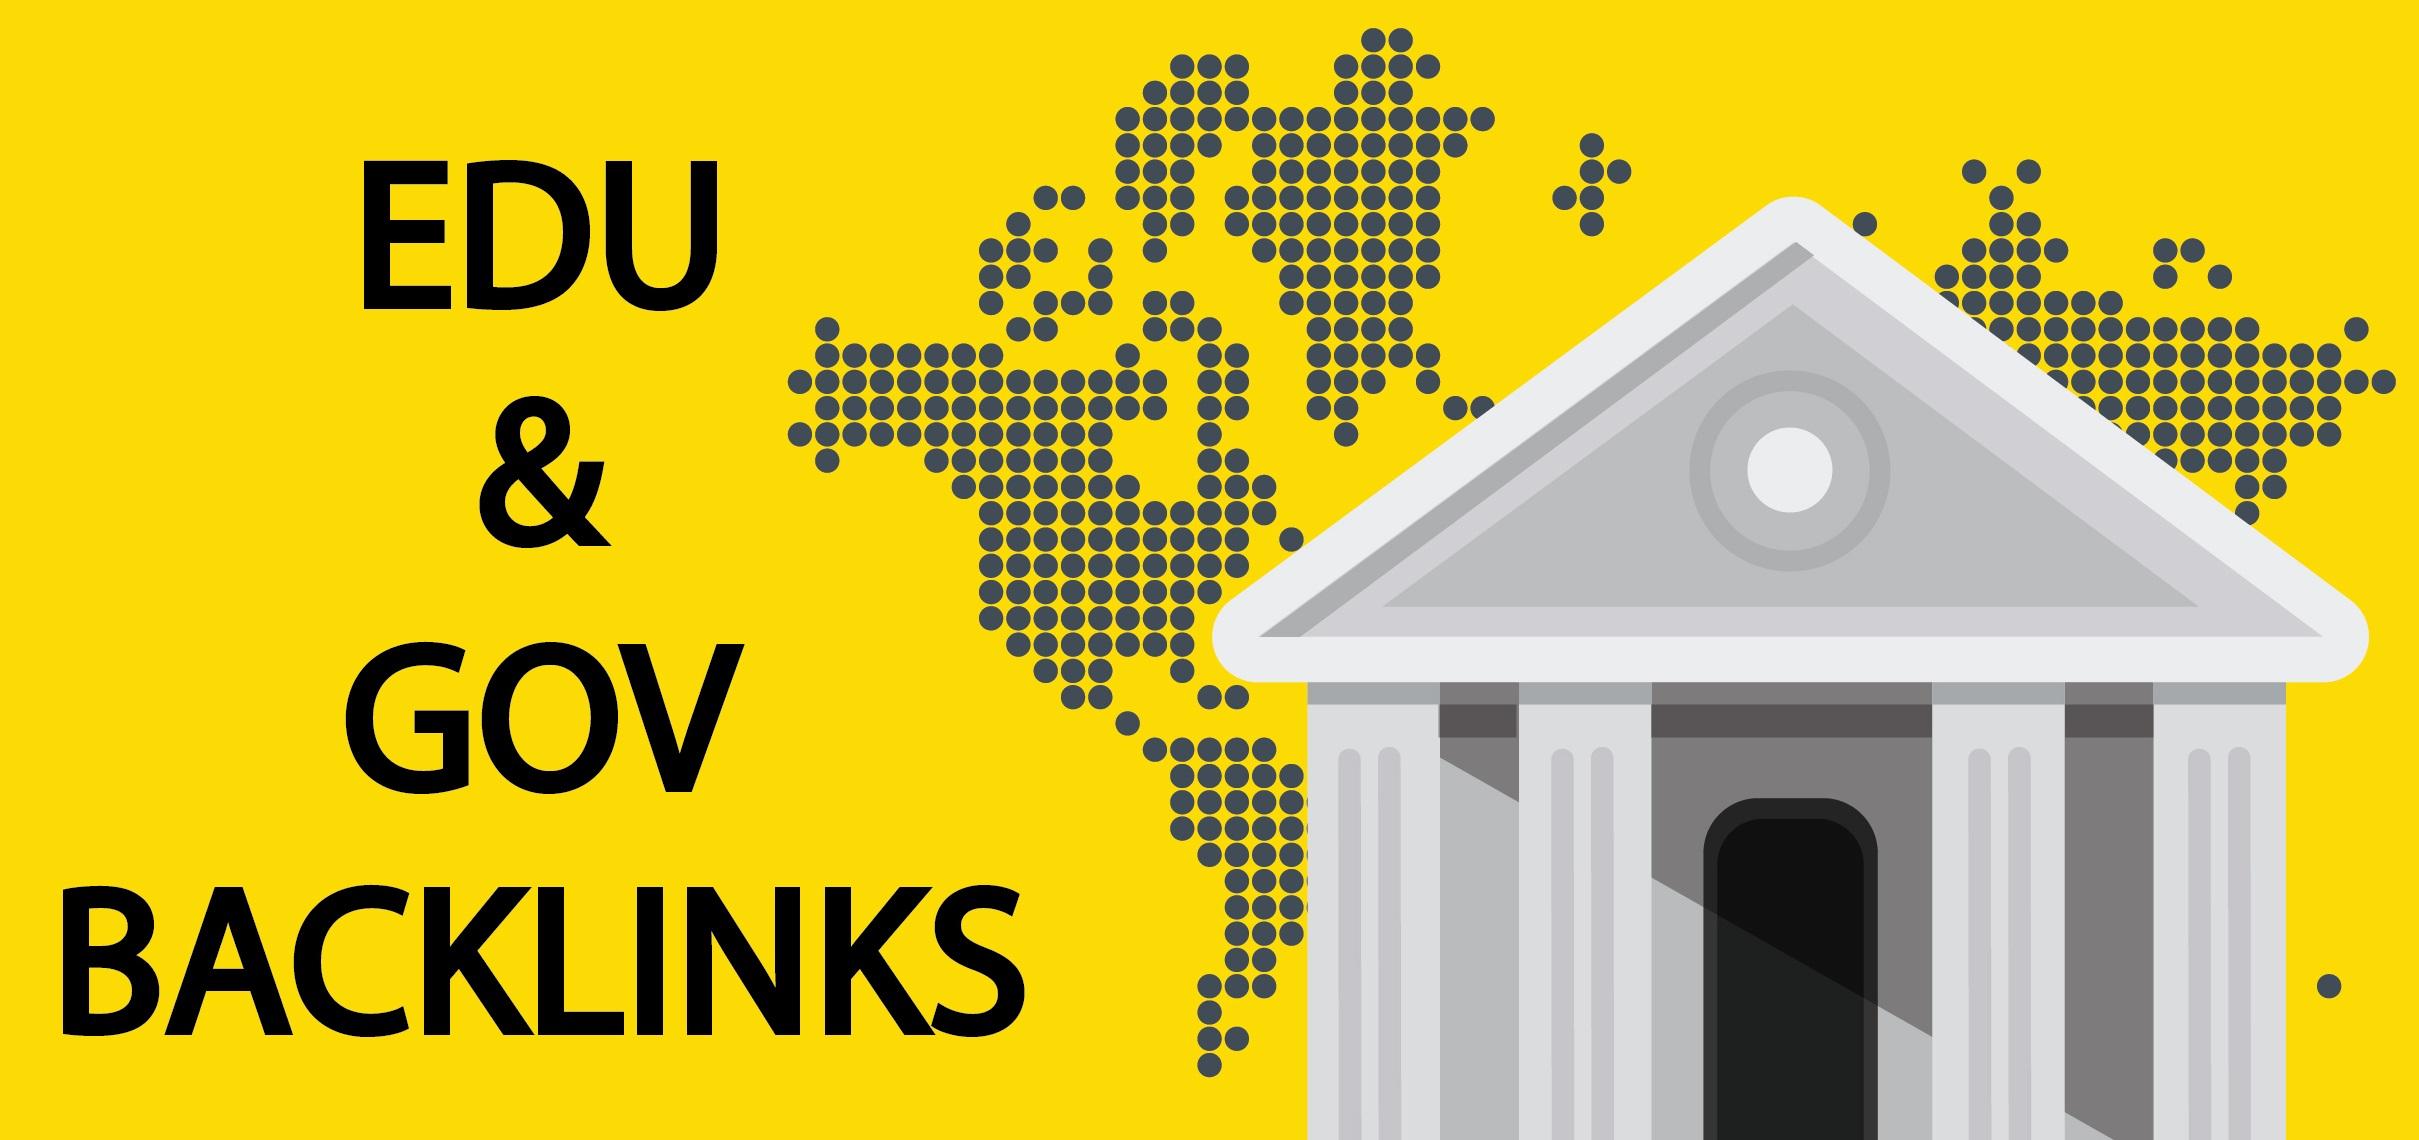 I will do 30 EDU and 30 GOV High-Quality backlinks